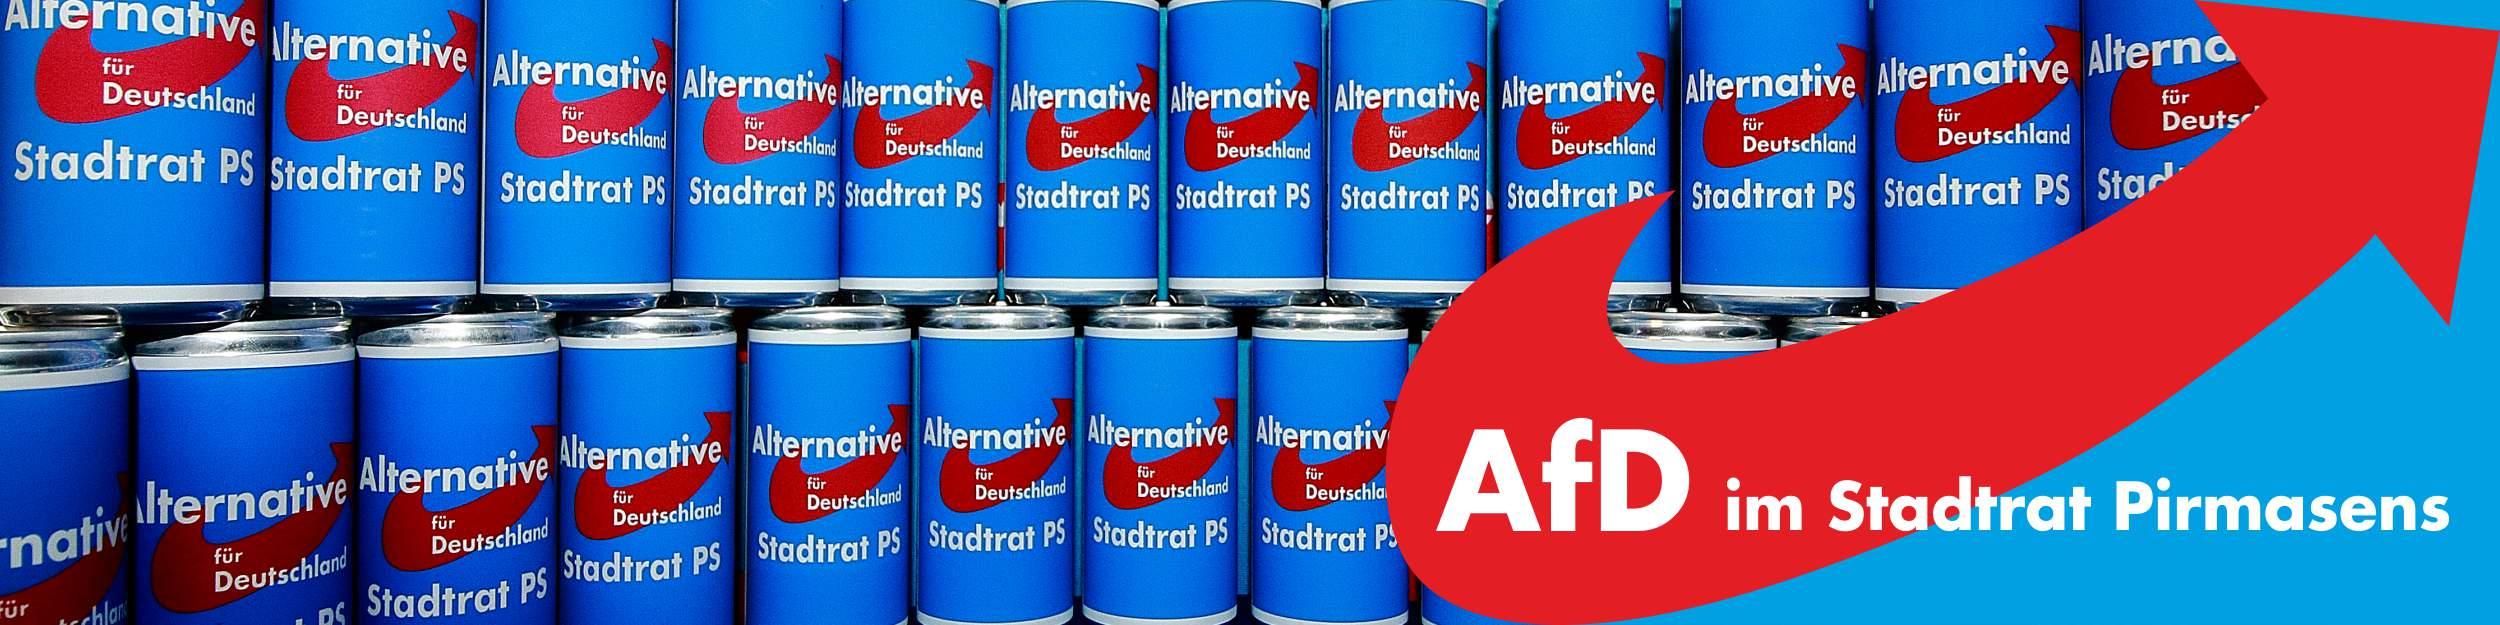 AfD im Stadtrat  Pirmasens